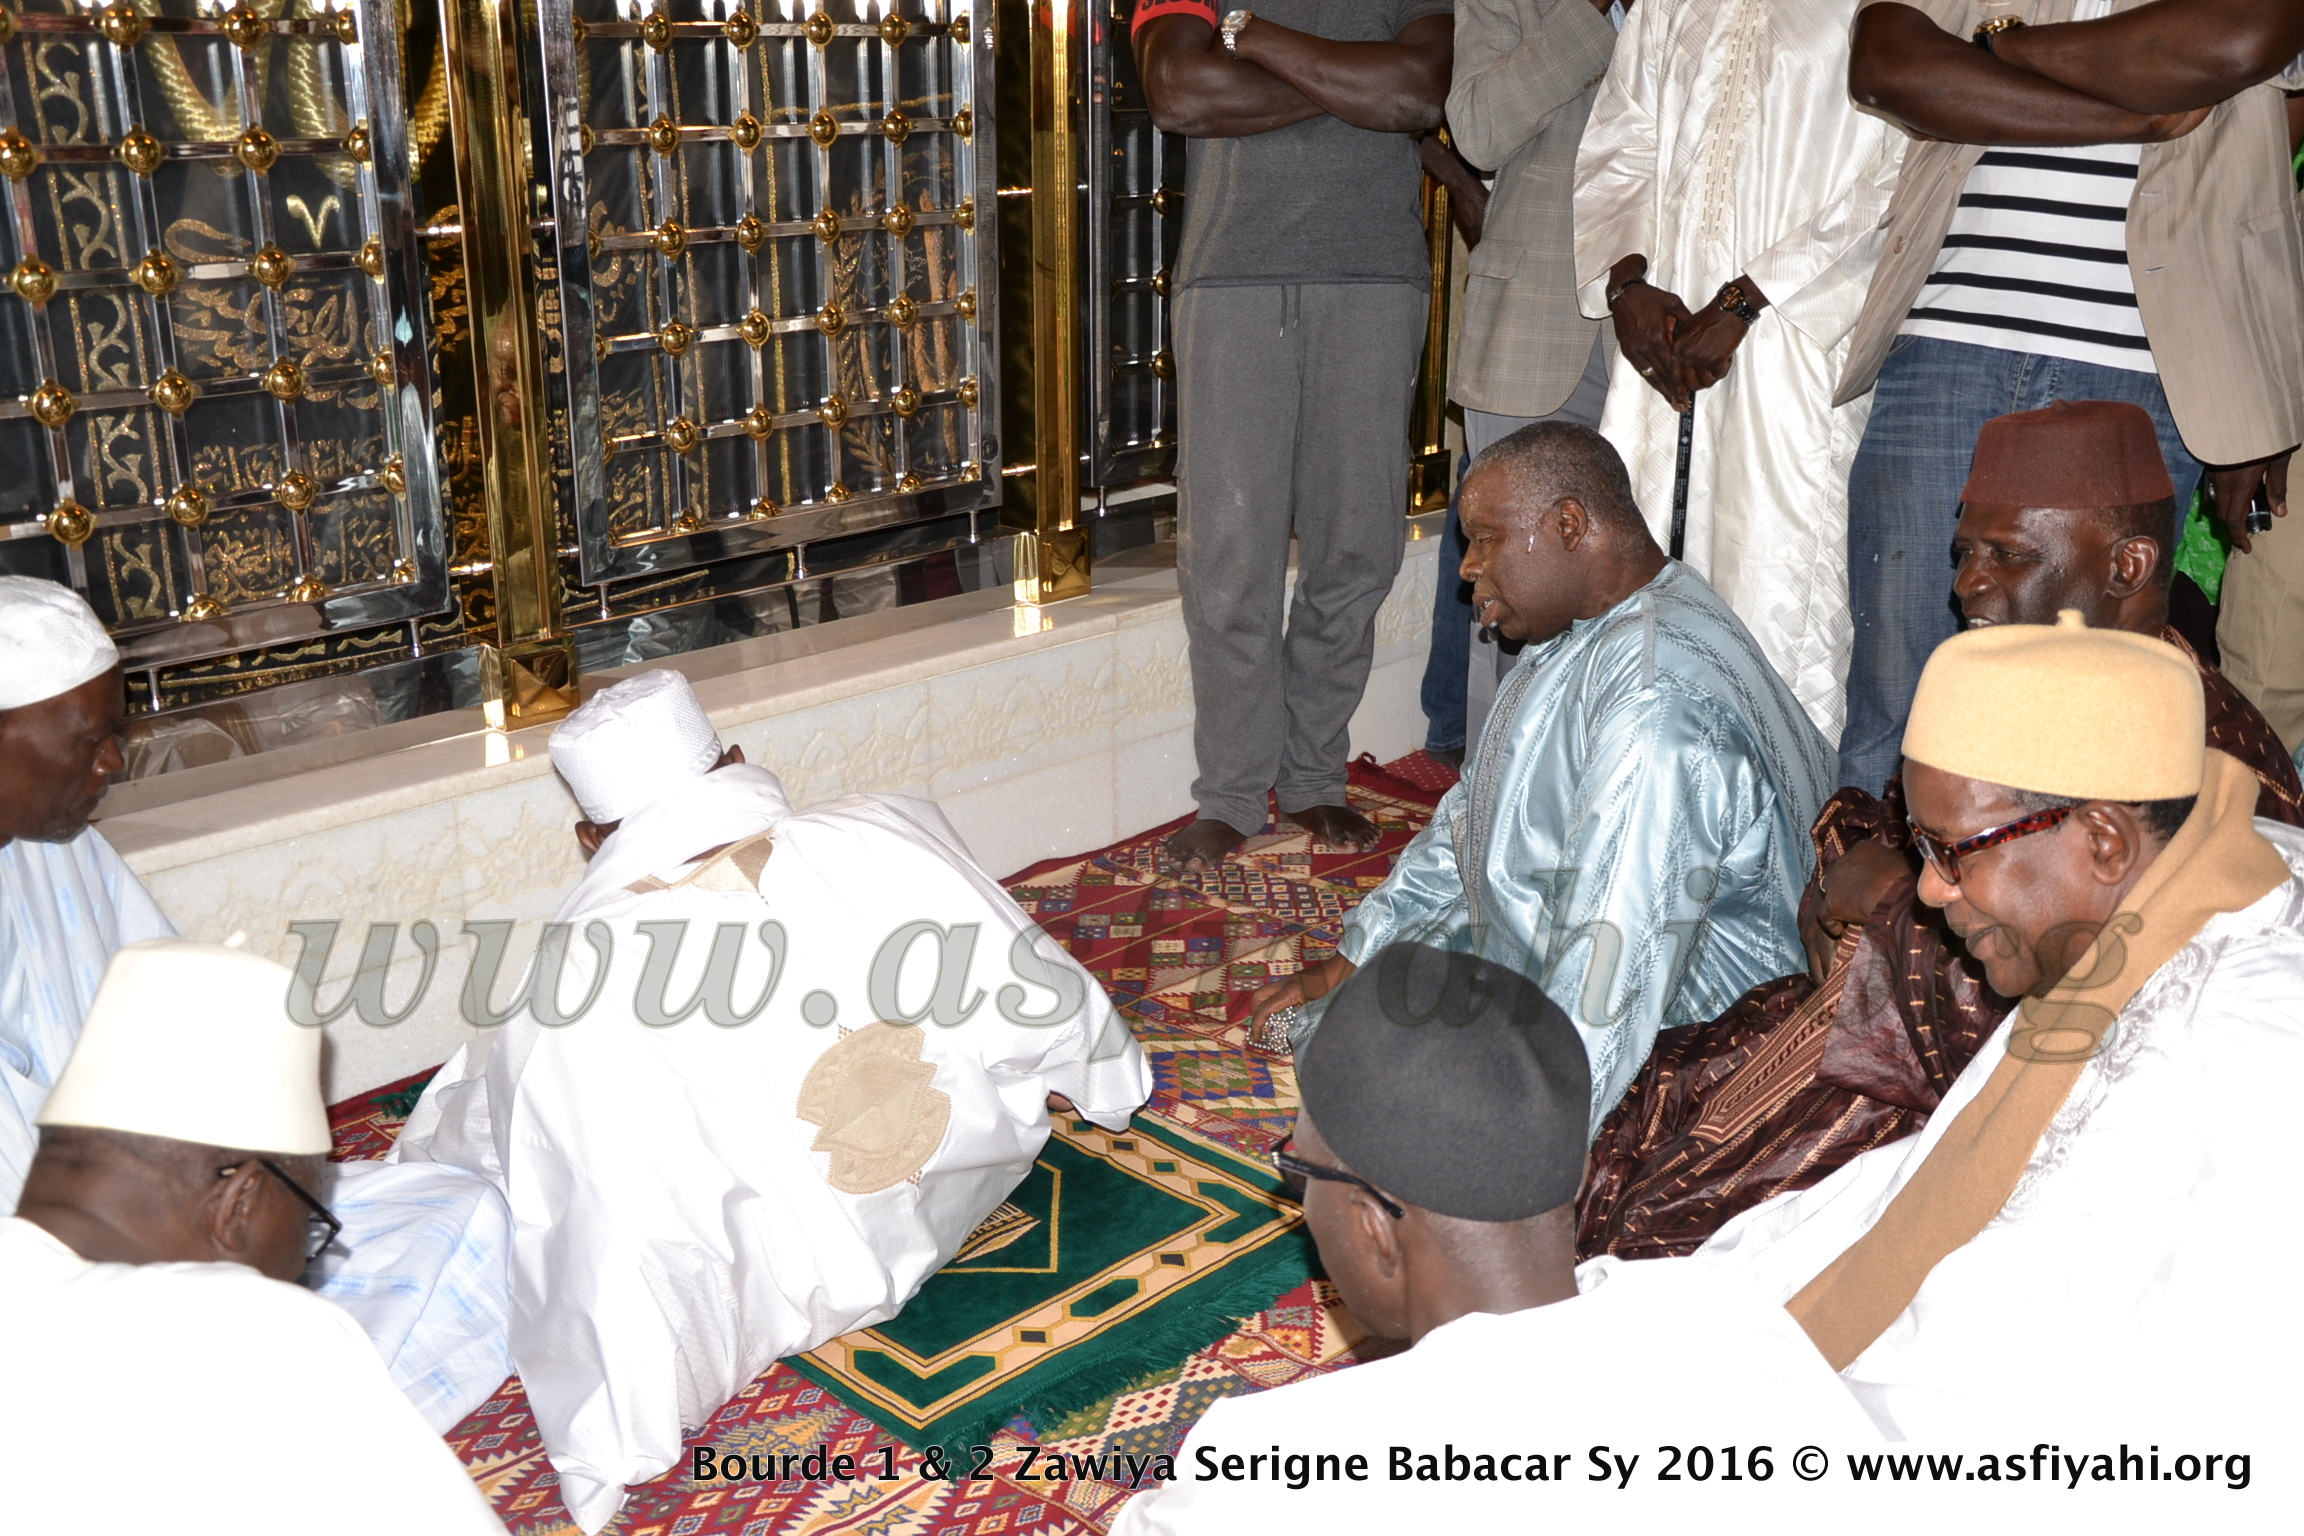 PHOTOS - GAMOU TIVAOUANE 2016 - Les Images de l'Ouverture du Bourdou 2016 à la Mosquée Serigne Babacar SY (rta) de Tivaouane